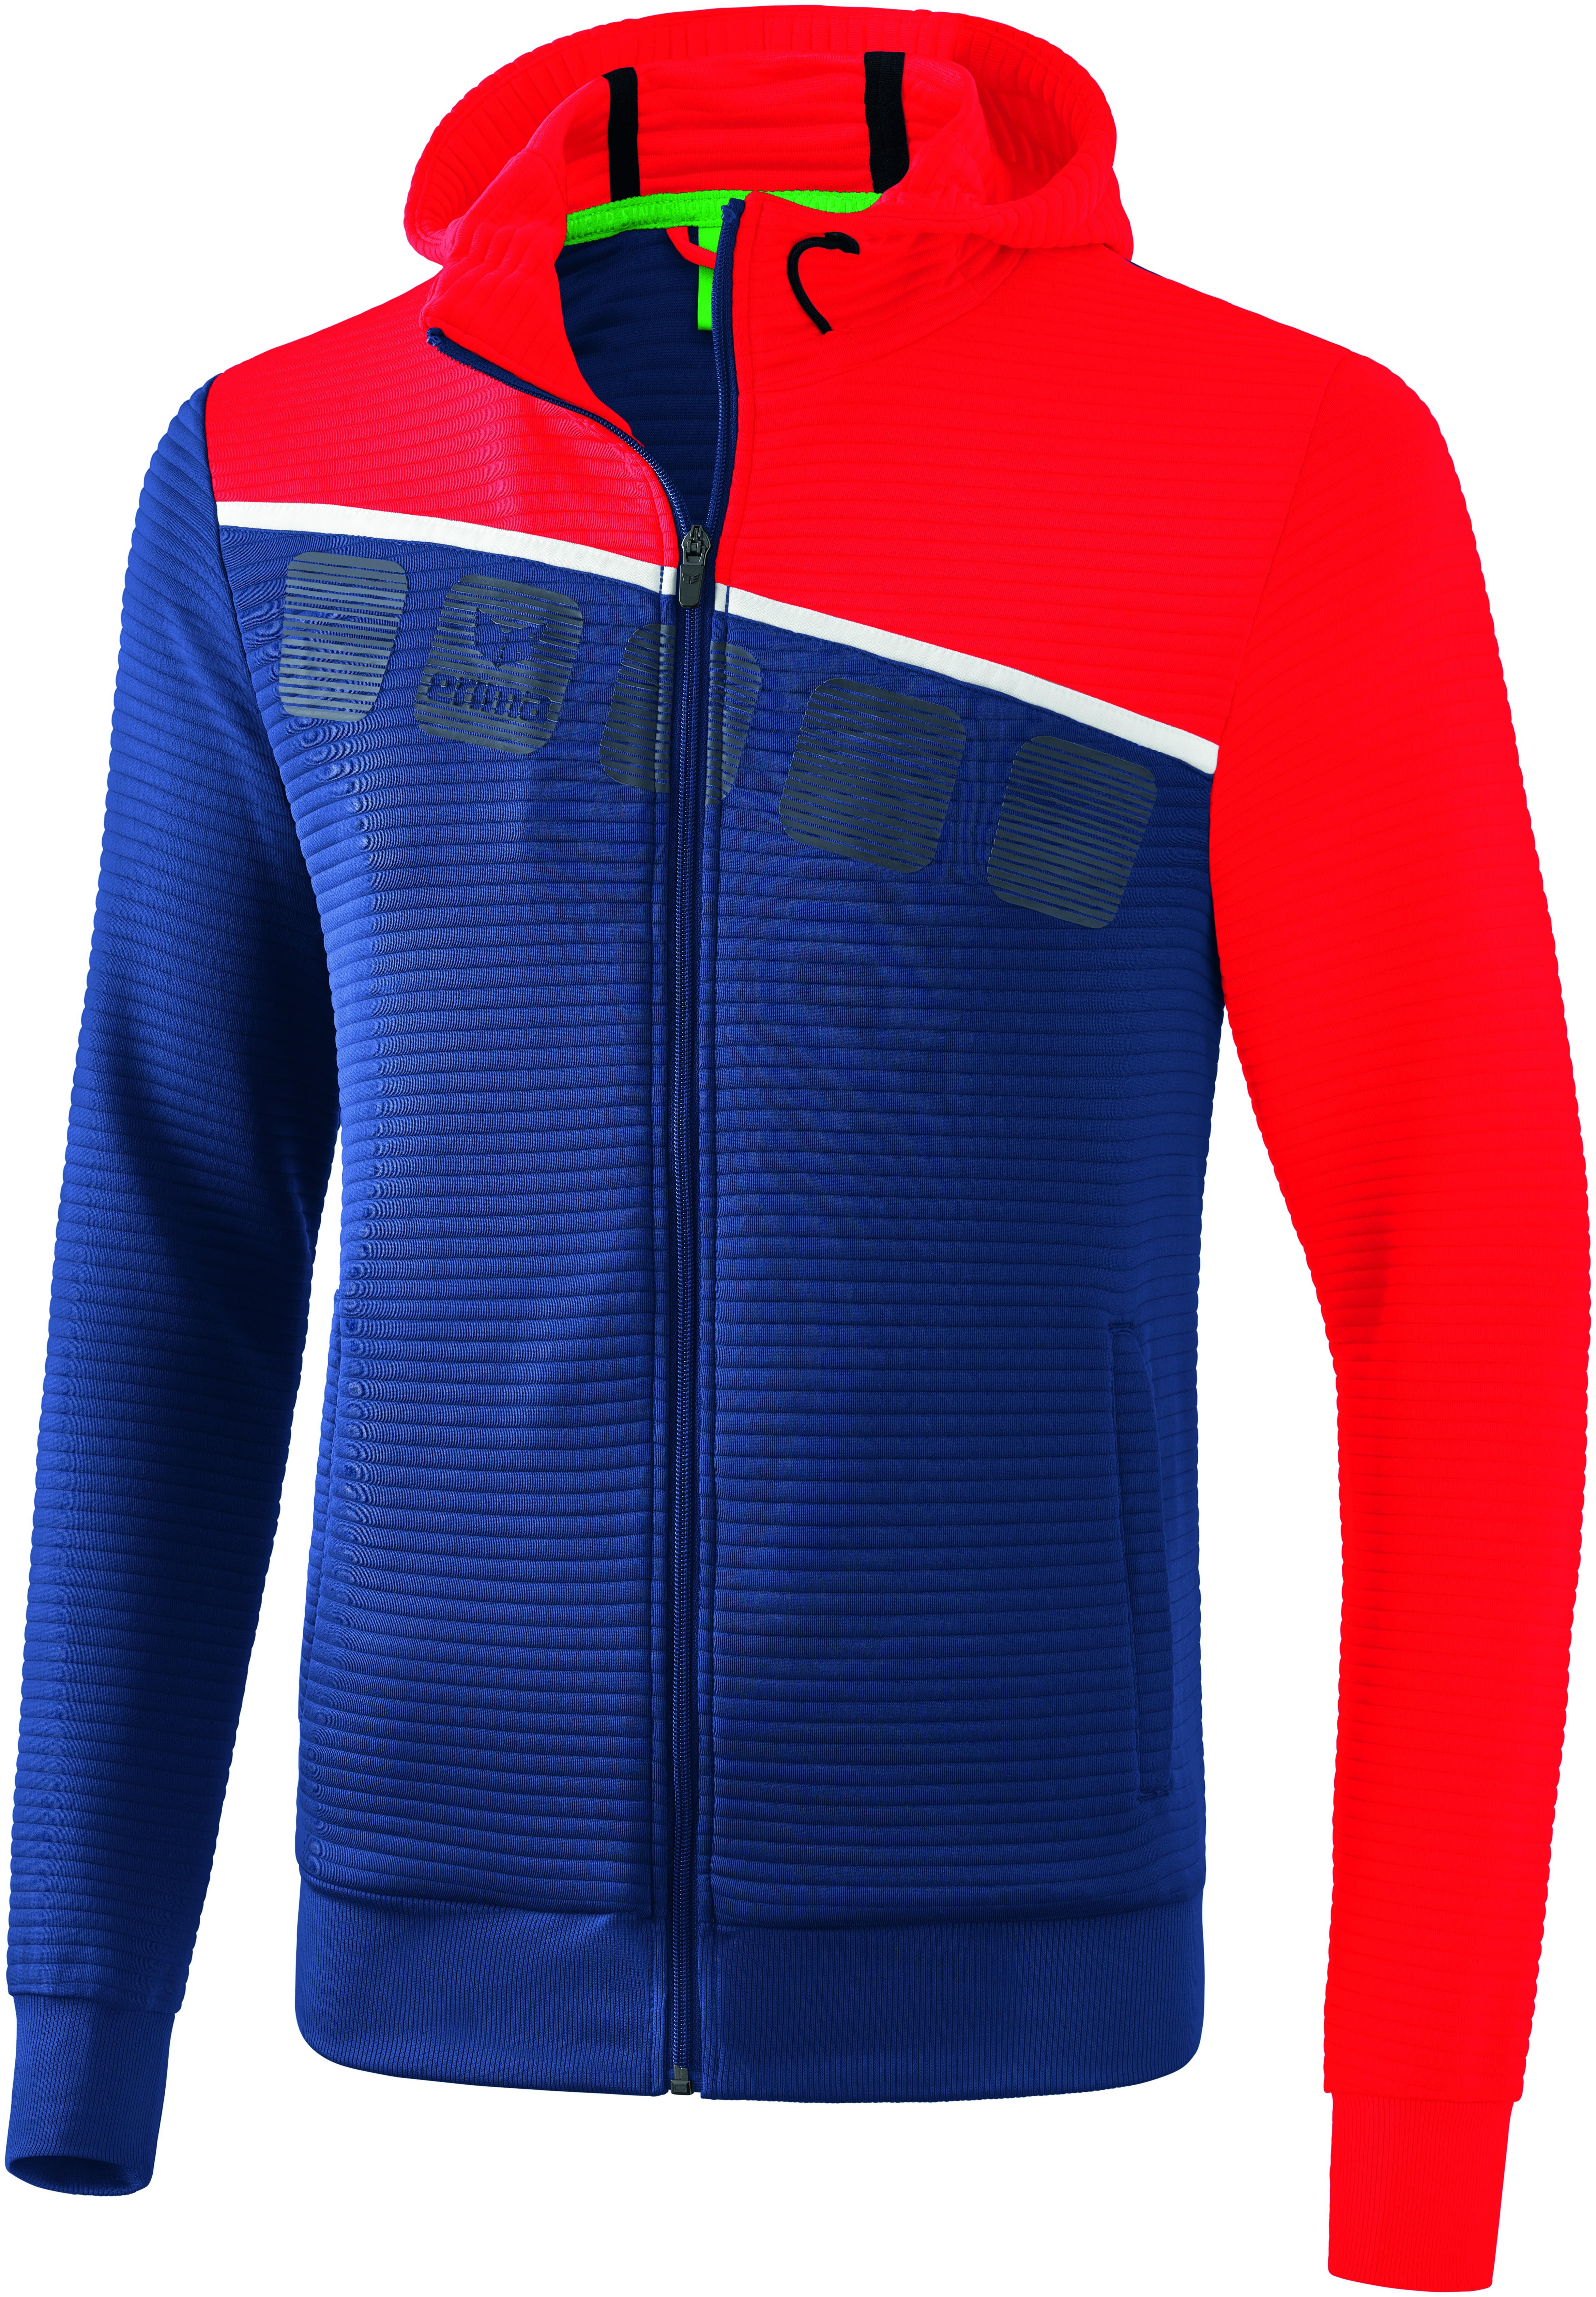 Erima 5-C Trainingsjacke mit Kapuze, L, Herren Herren 1031907